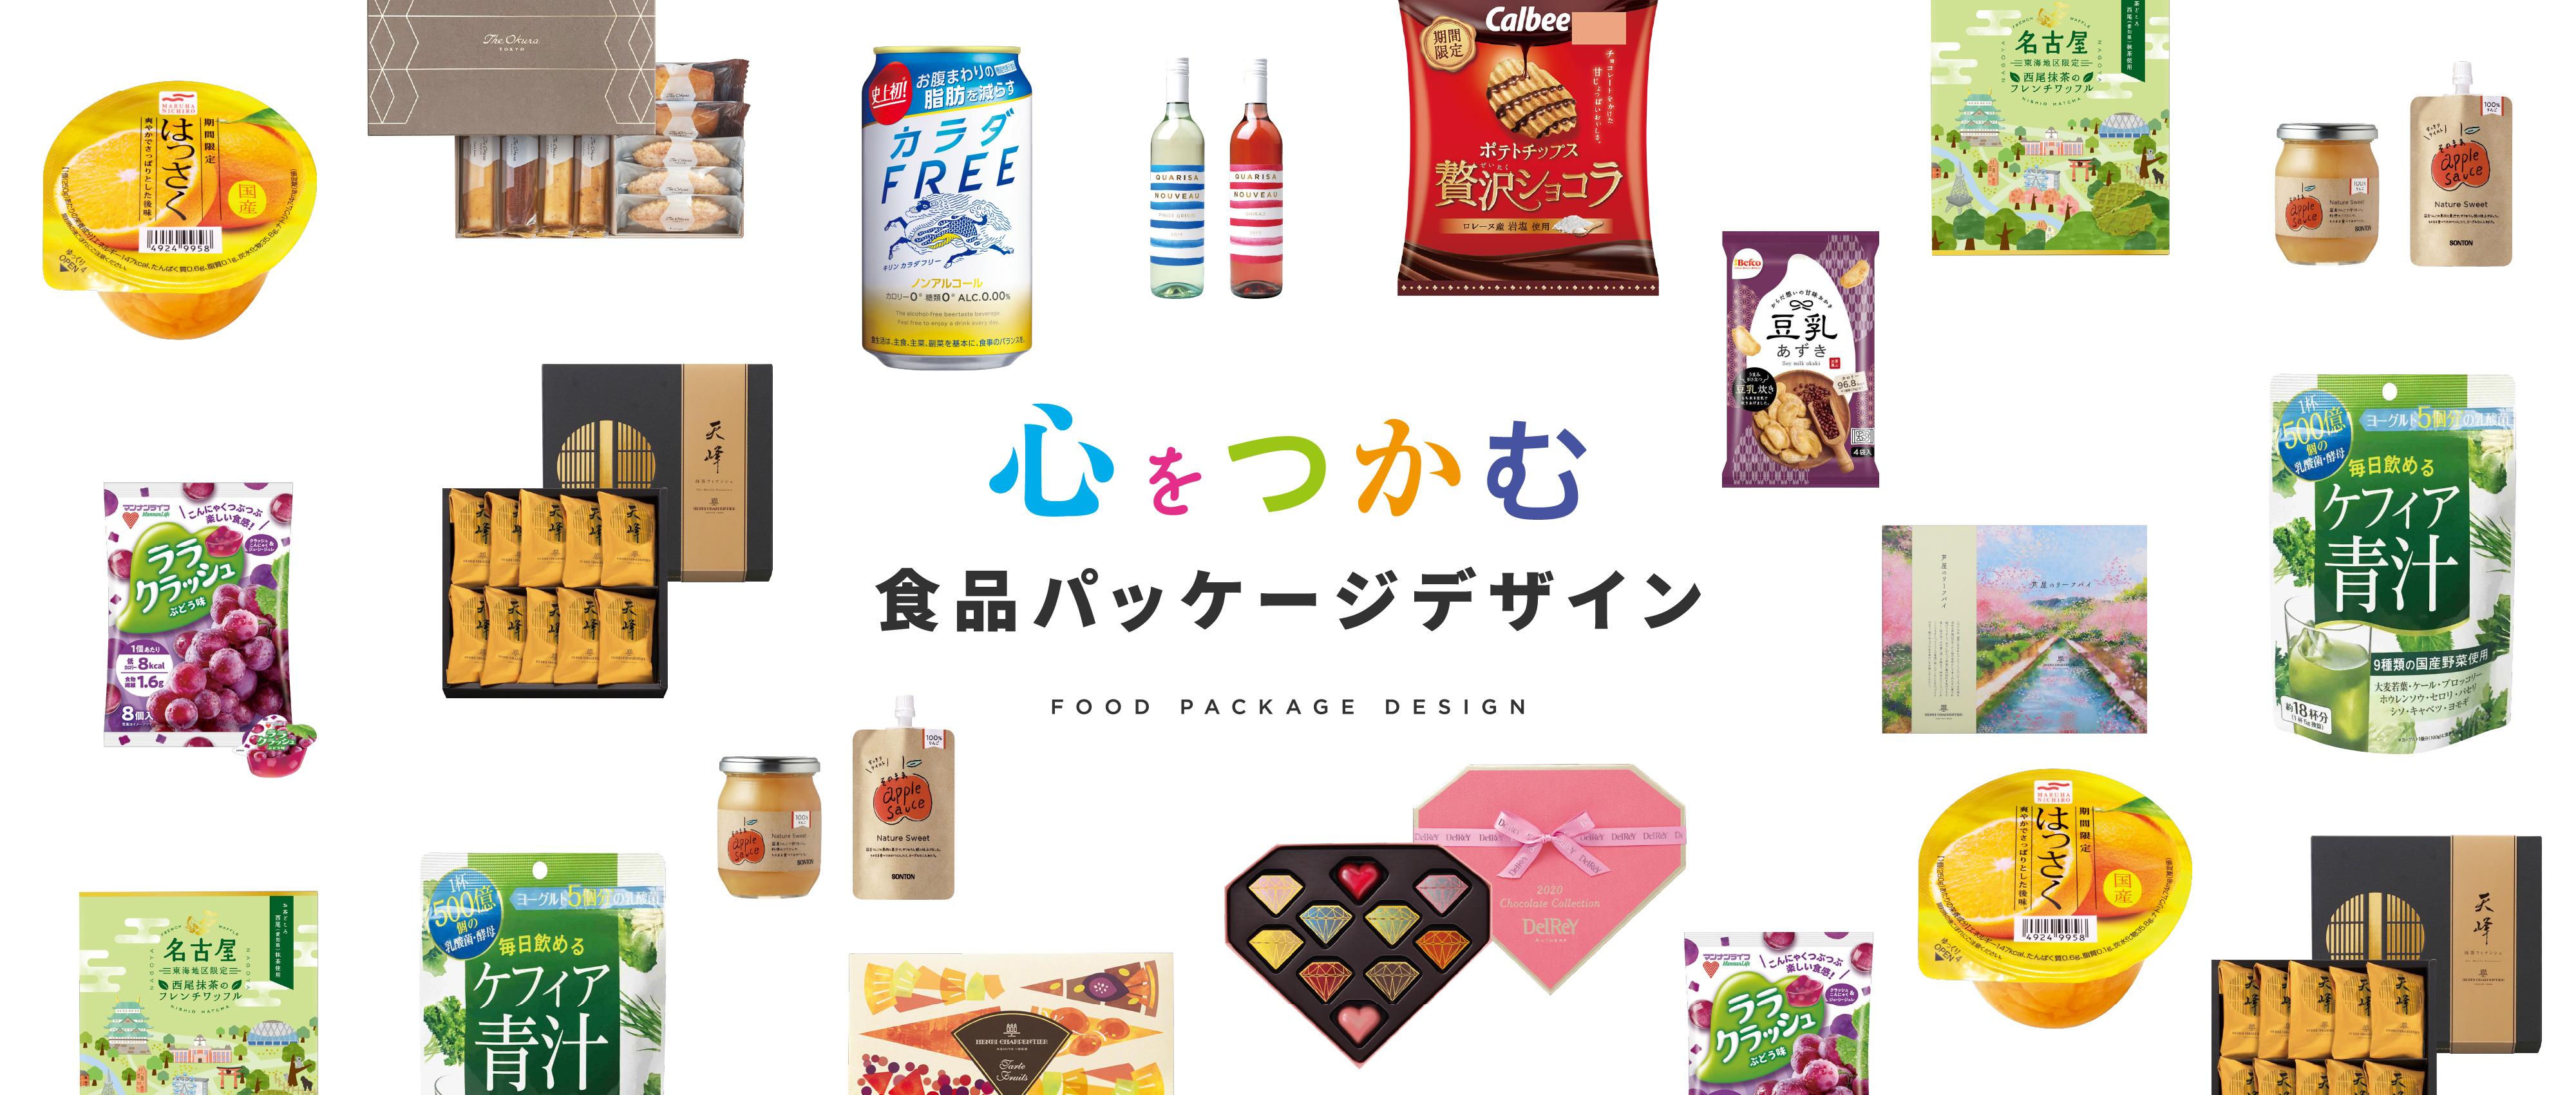 心をつかむ食品パッケージデザイン